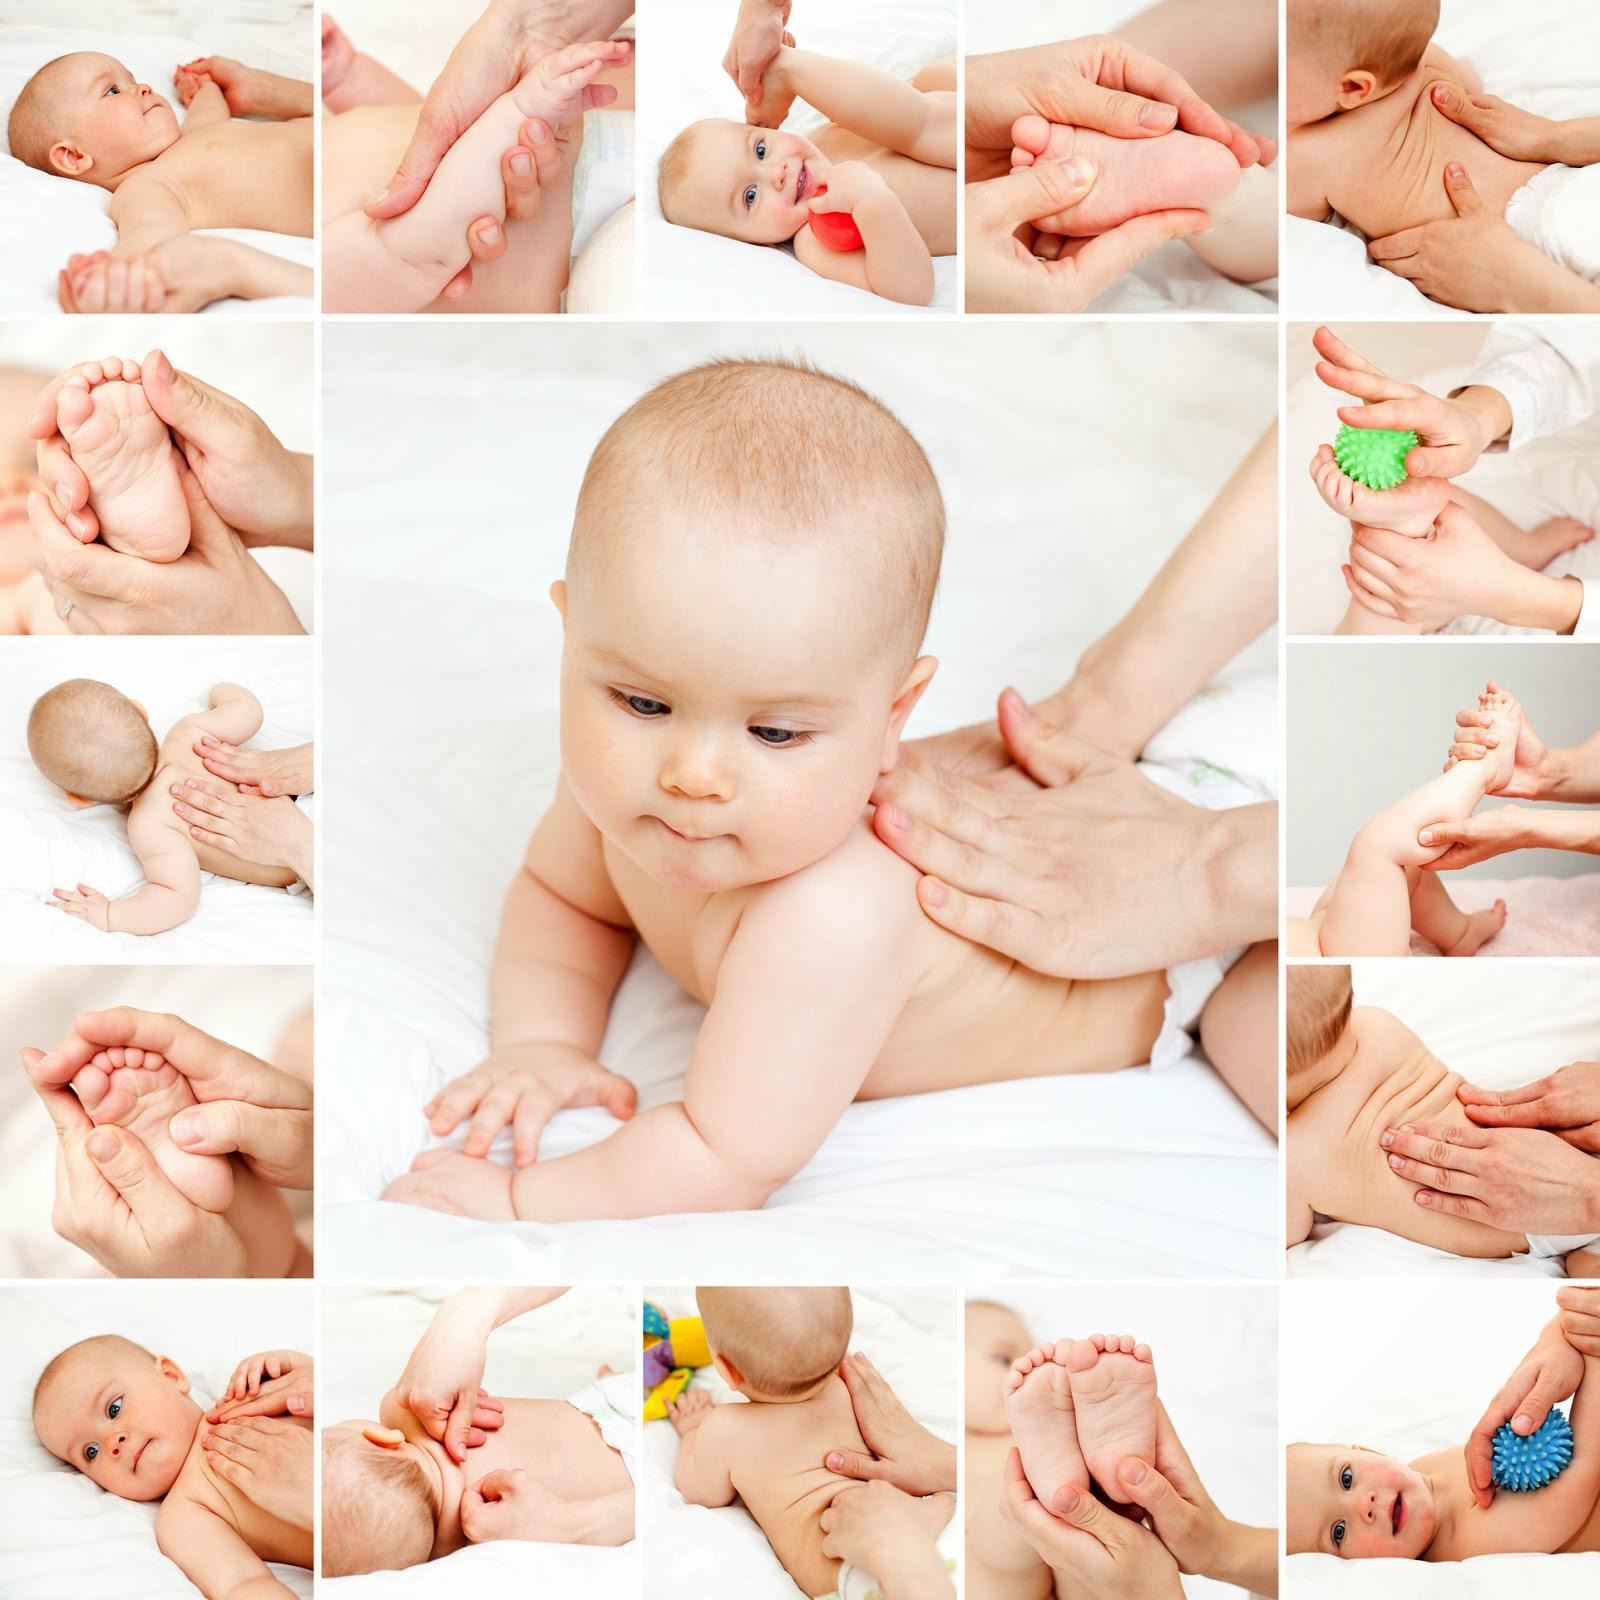 Urutan Bayi.. : Teknik & Kaedah Urutan Terbaik